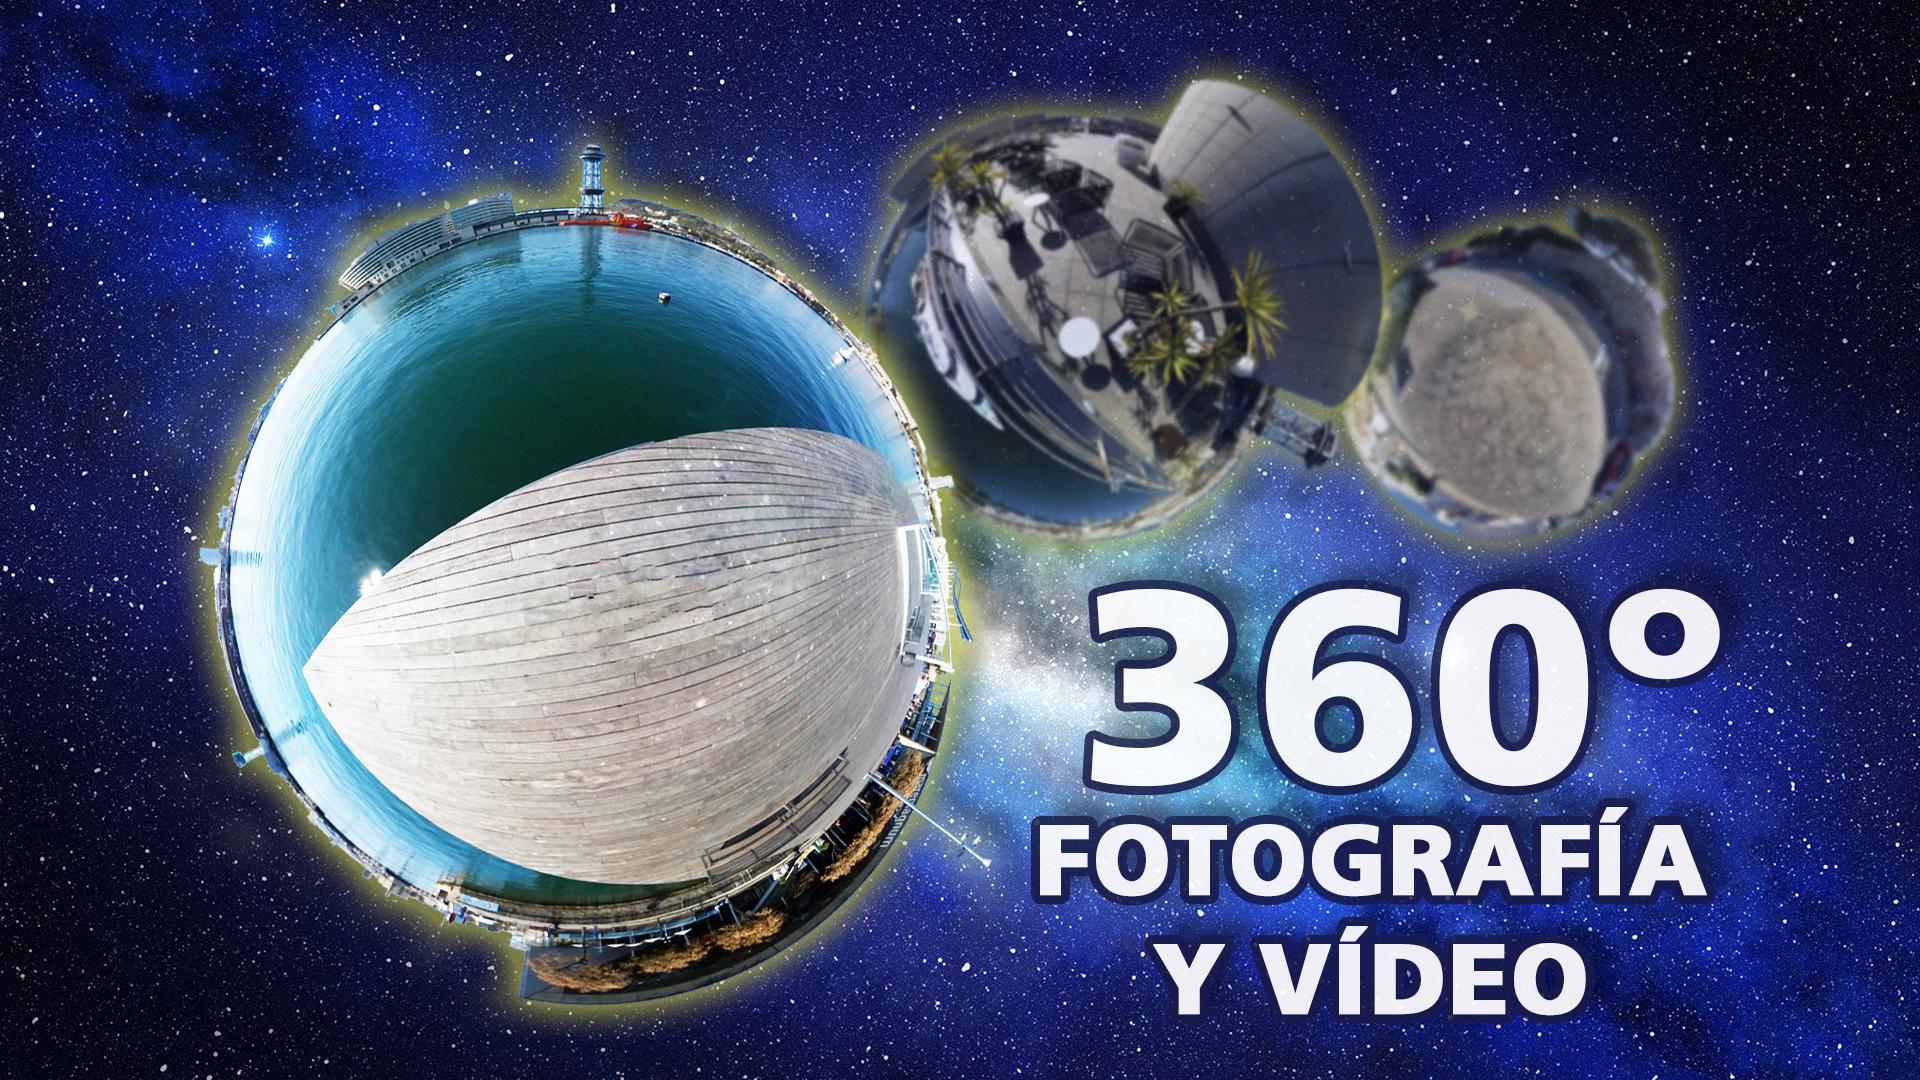 Fotografía y vídeo 360 grados - GrupoAudiovisual